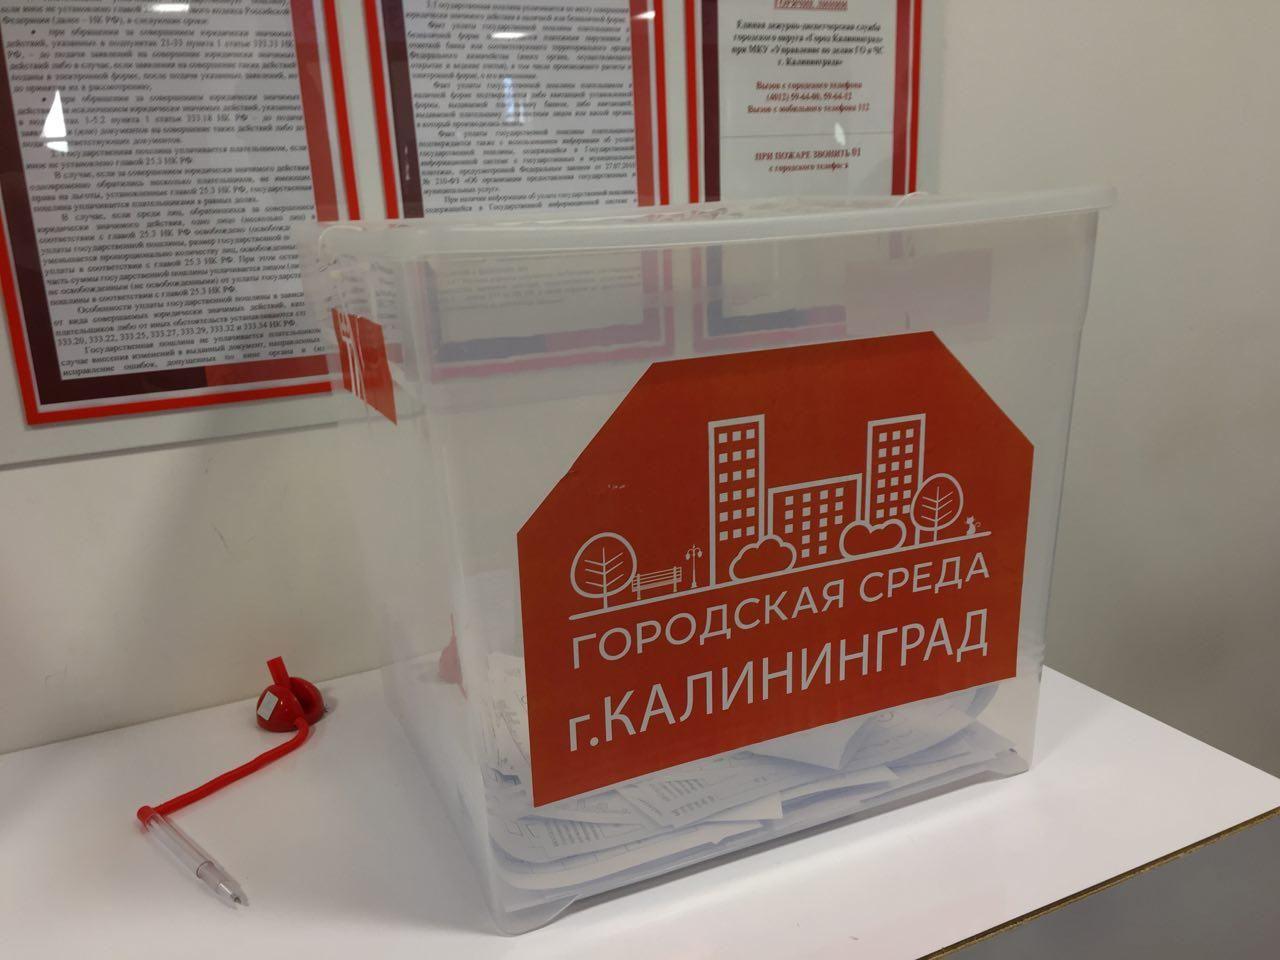 Вот такой простой ящик для голосования